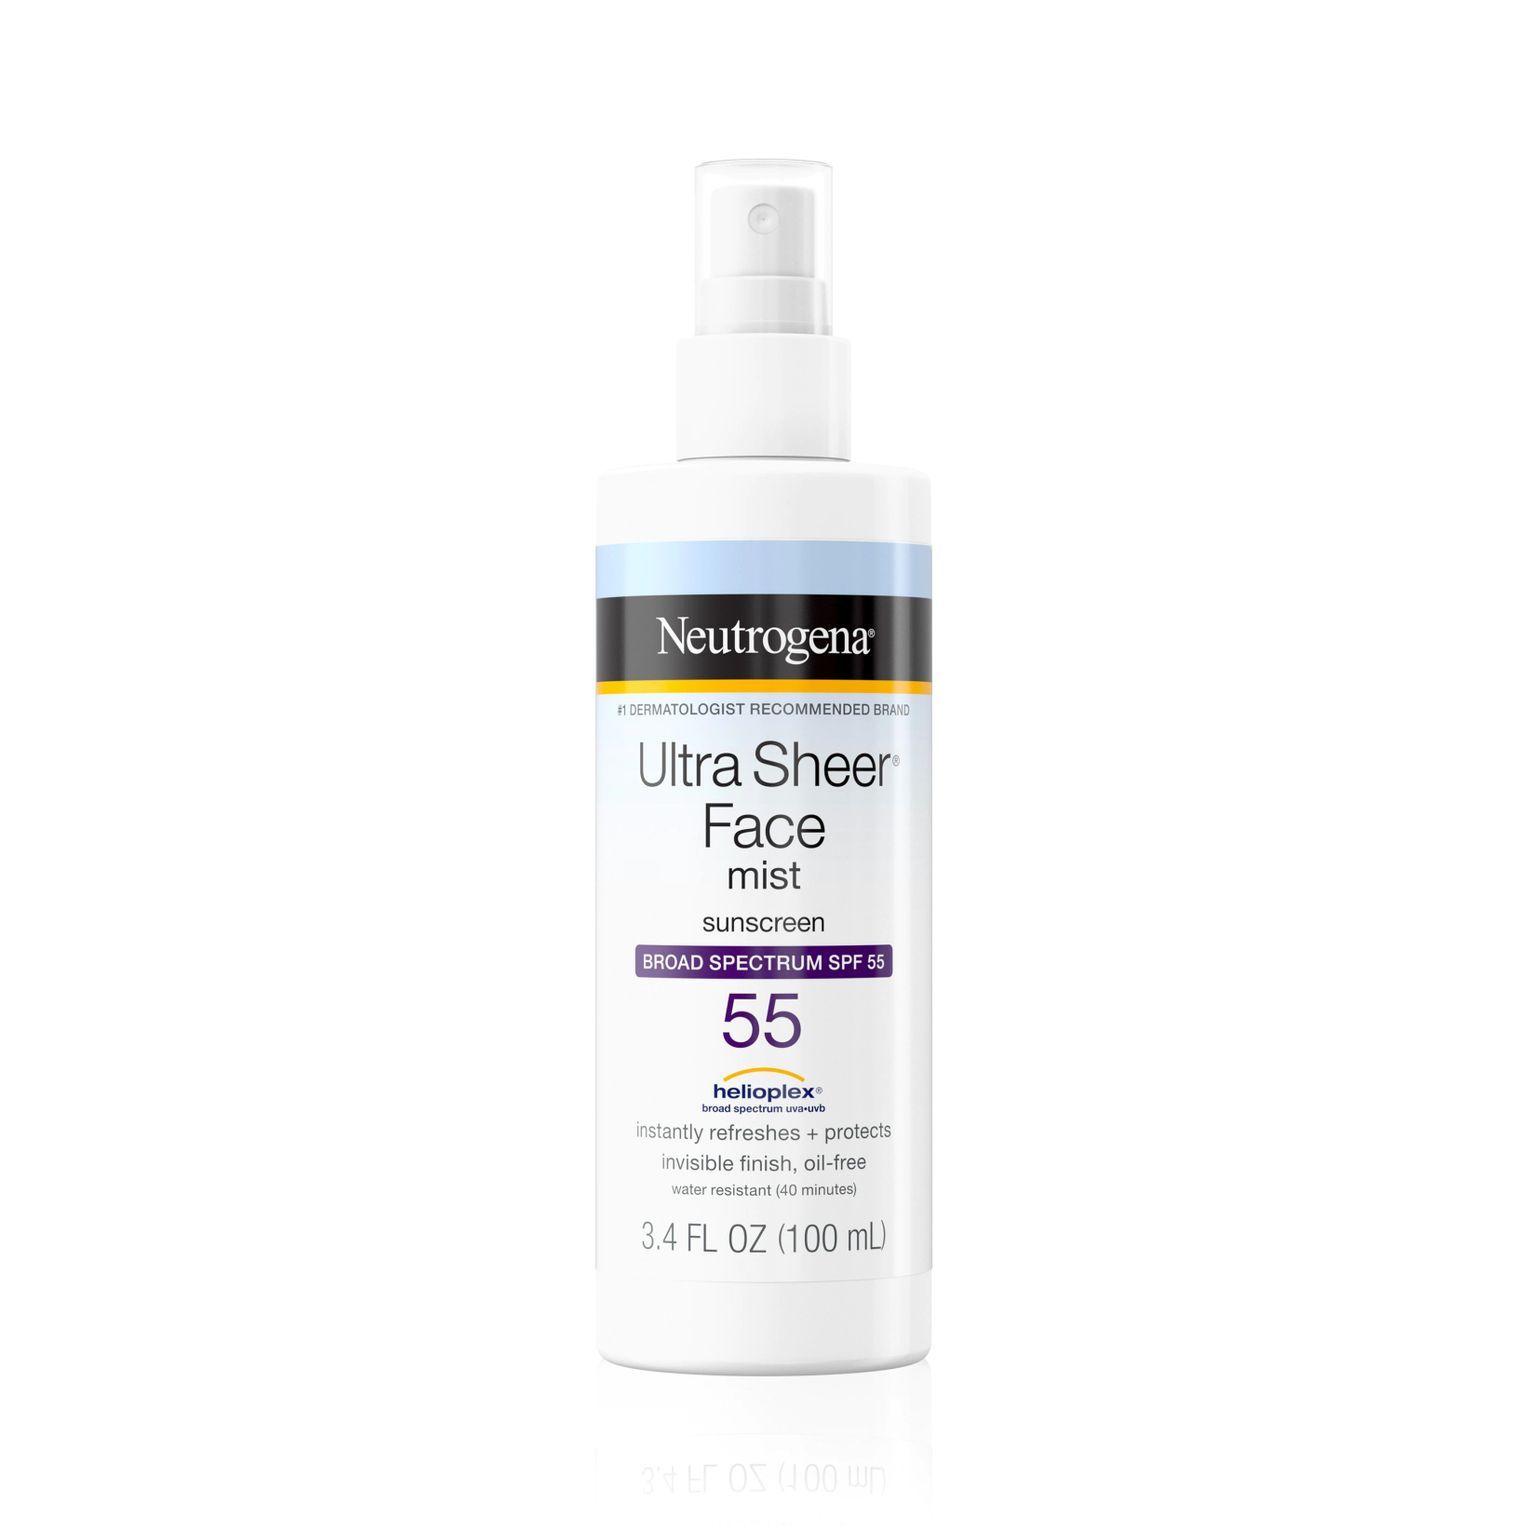 Neutrogena Ultra Sheer Face Mist SPF 55